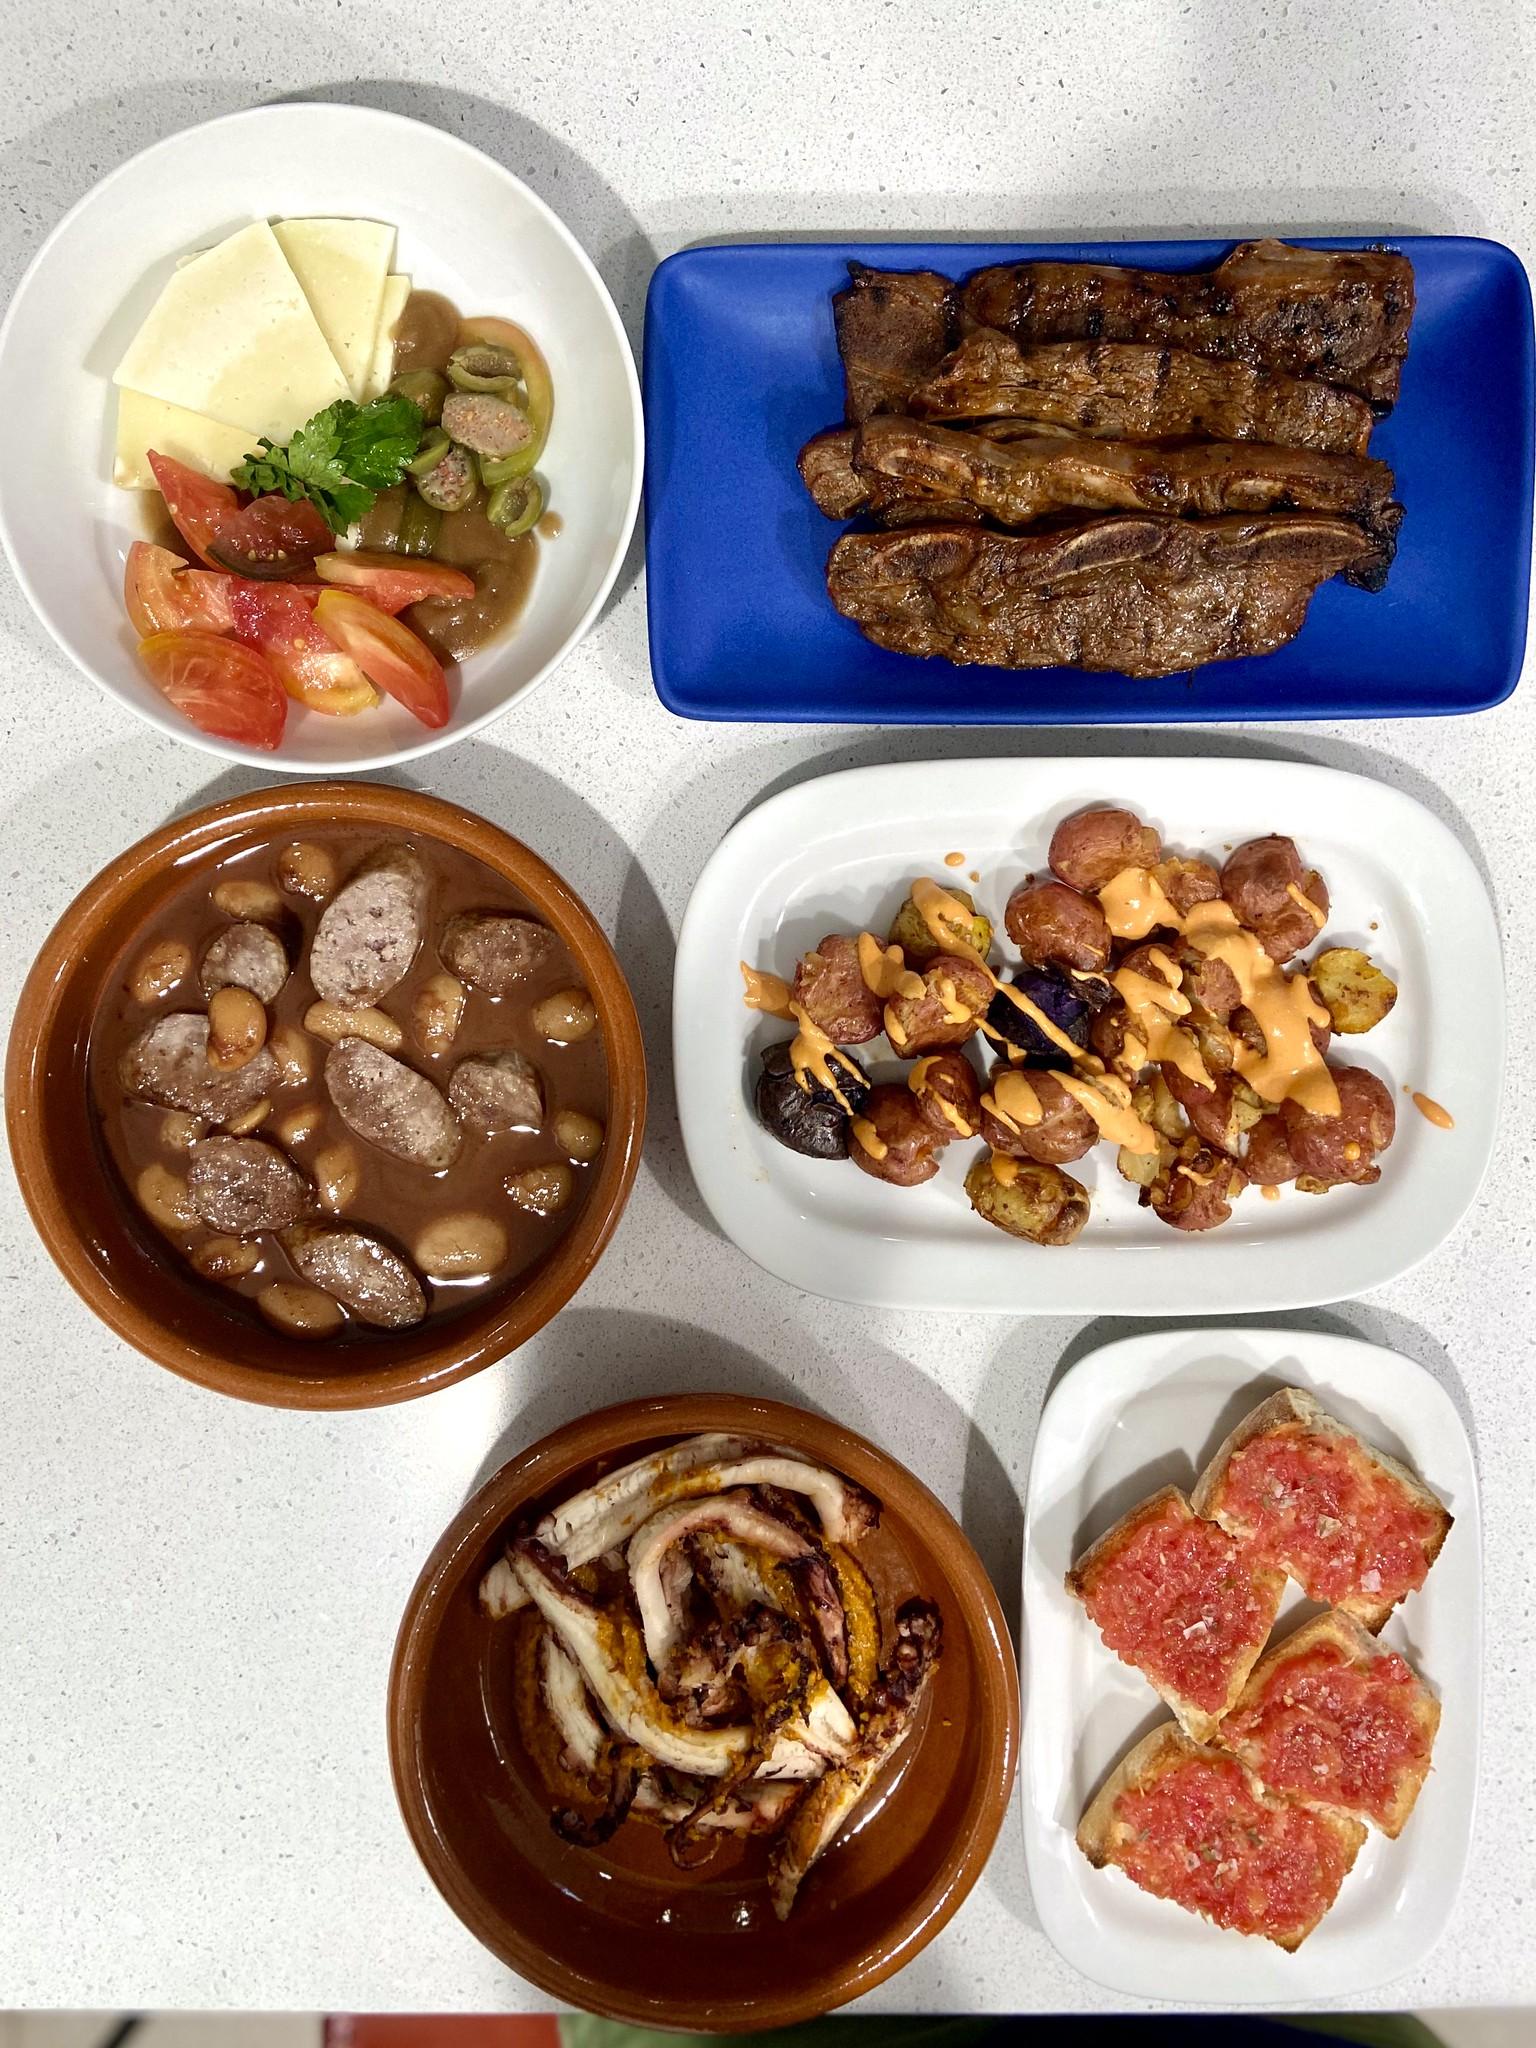 Sra. Martinez Throwback Meal  - Michelle Bernstein Catering